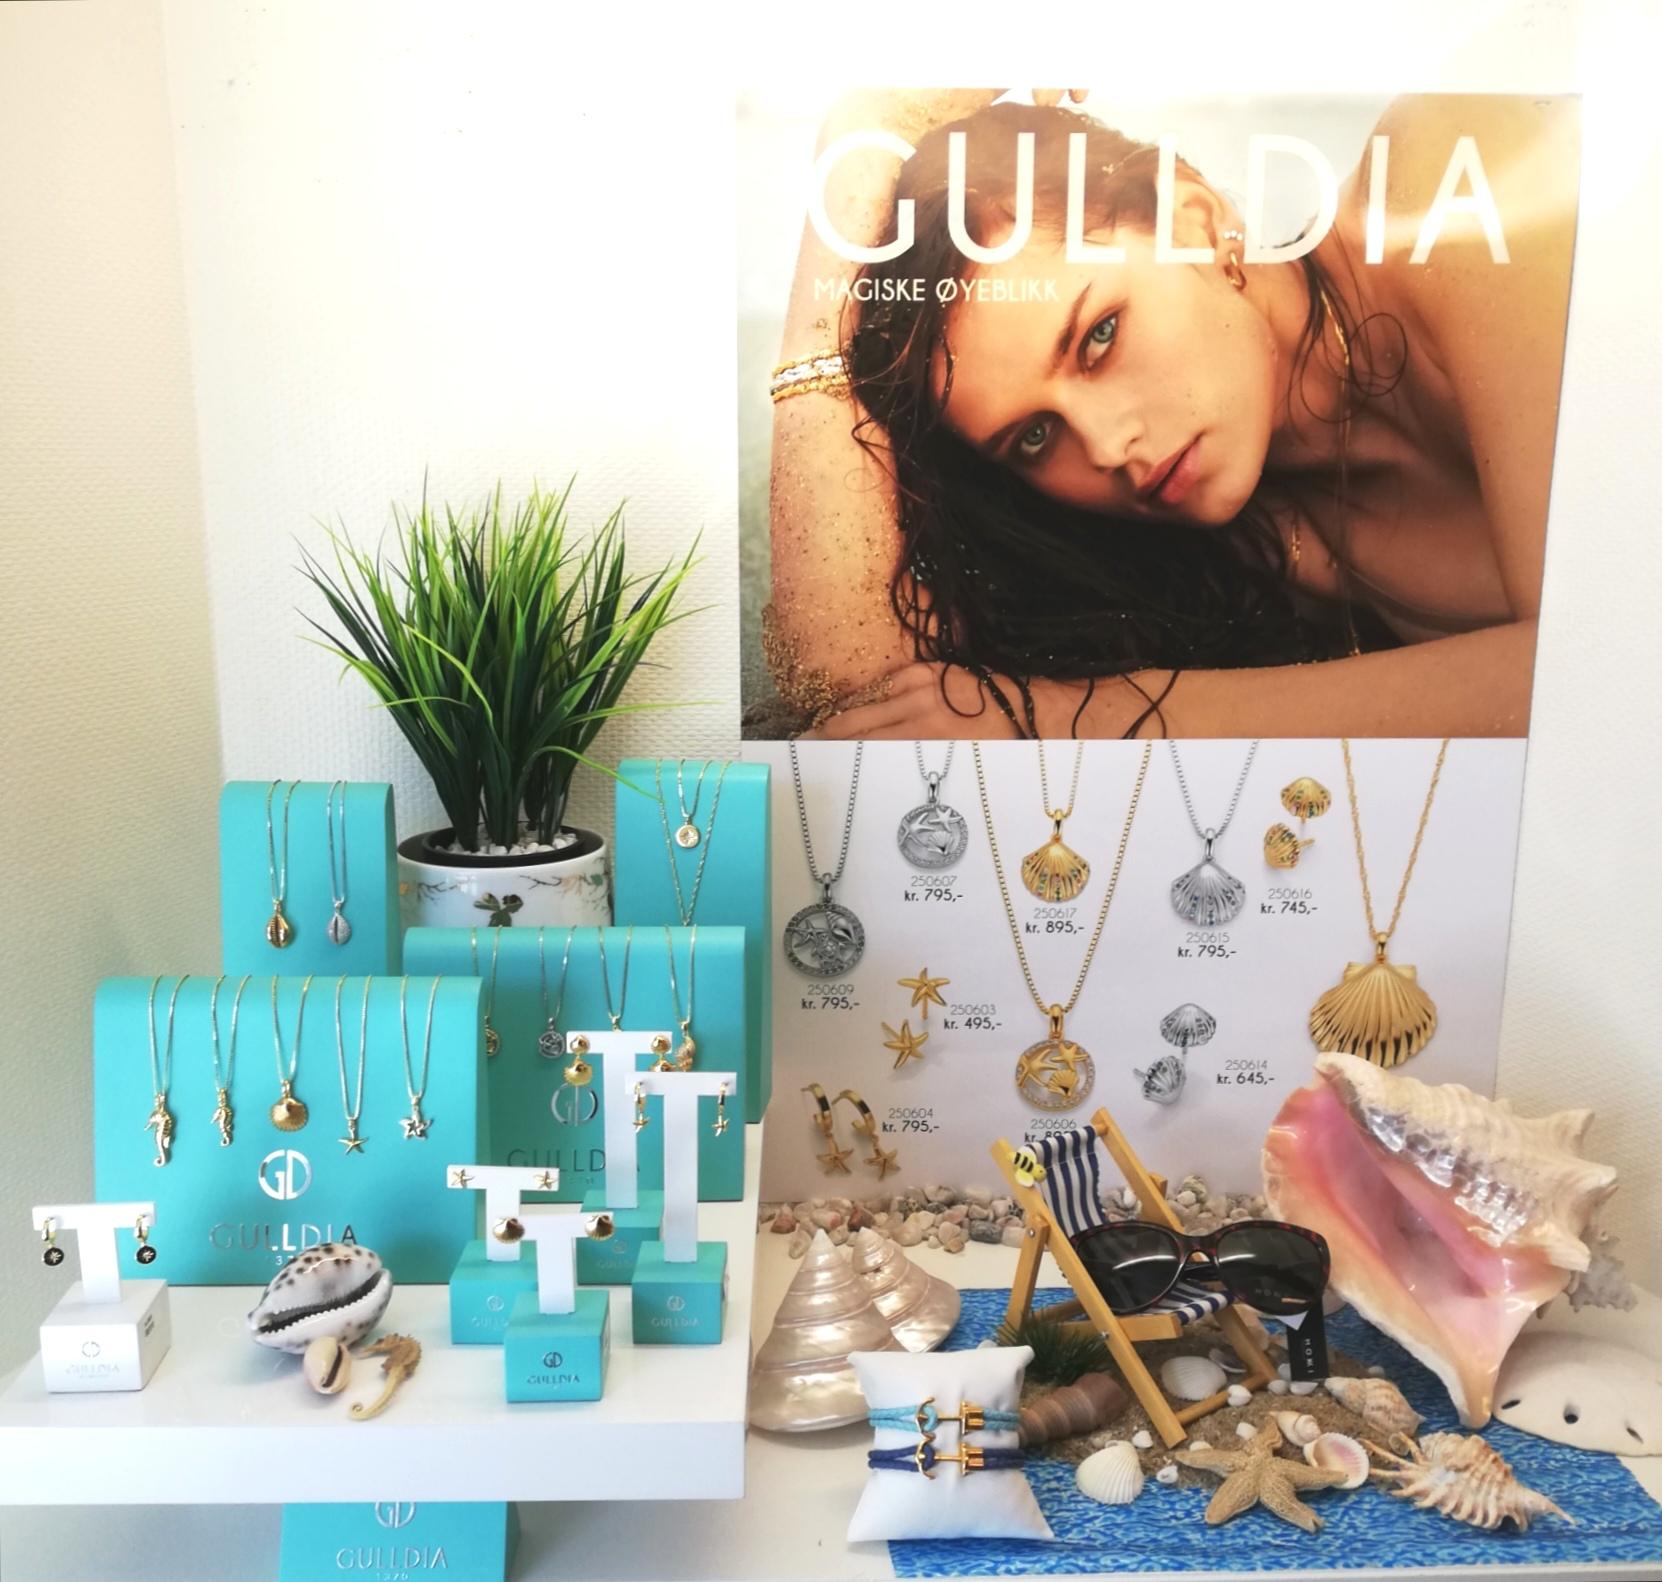 Smykker frå havserien,Gulldia Design as